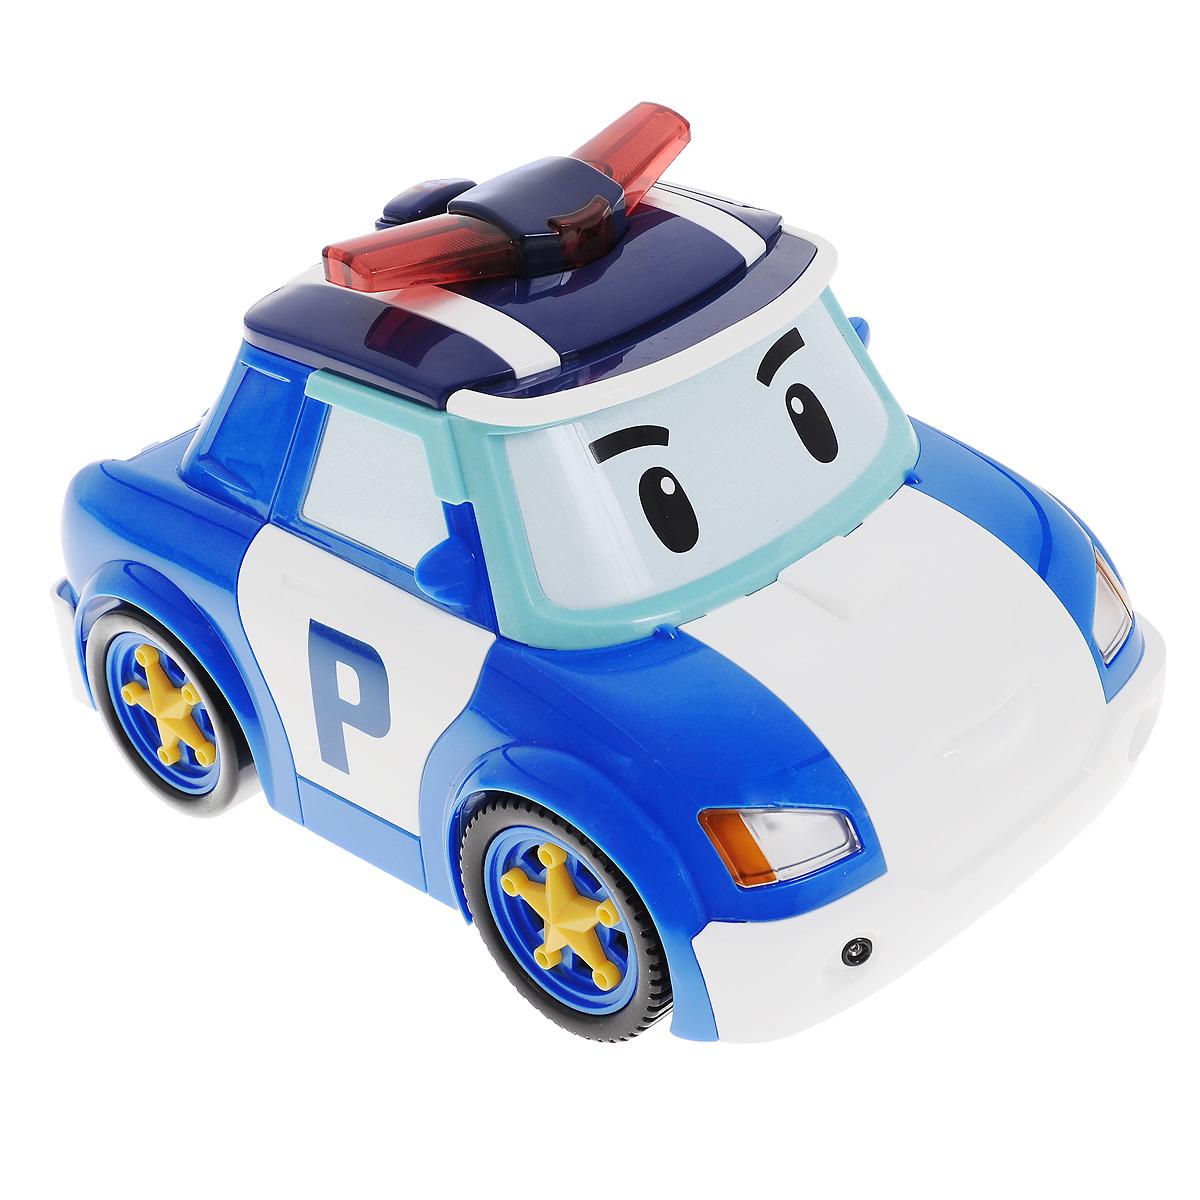 """Радиоуправляемая модель Poli """"Follow Me Poli"""" привлечет внимание любого маленького поклонника мультфильма Robocar Poli. Машинка выполнена из прочного пластика в виде главного героя мультфильма - полицейского автомобиля Поли. Пульт управления выполнен в виде полицейского жезла и разработан специально для маленьких ручек малыша - на нем всего одна кнопка, а для управления машинкой достаточно зажать большую желтую кнопку на и перемещать жезл, и машинка будет следовать за ним. Также игрушка имеет режим танца. Чтобы активировать его, нажмите на кнопку с изображением ноты на крыше машинки, и она начнет кружиться со звуковыми и световыми эффектами. Машинка умеет автоматически распознавать препятствия и избегать их. Ваш малыш часами будет играть с такой игрушкой, придумывая различные истории и устраивая соревнования. Порадуйте его таким замечательным подарком! Для работы машинки необходимо докупить 4 батареи типа AА (не входят в комплект). Для работы пульта..."""